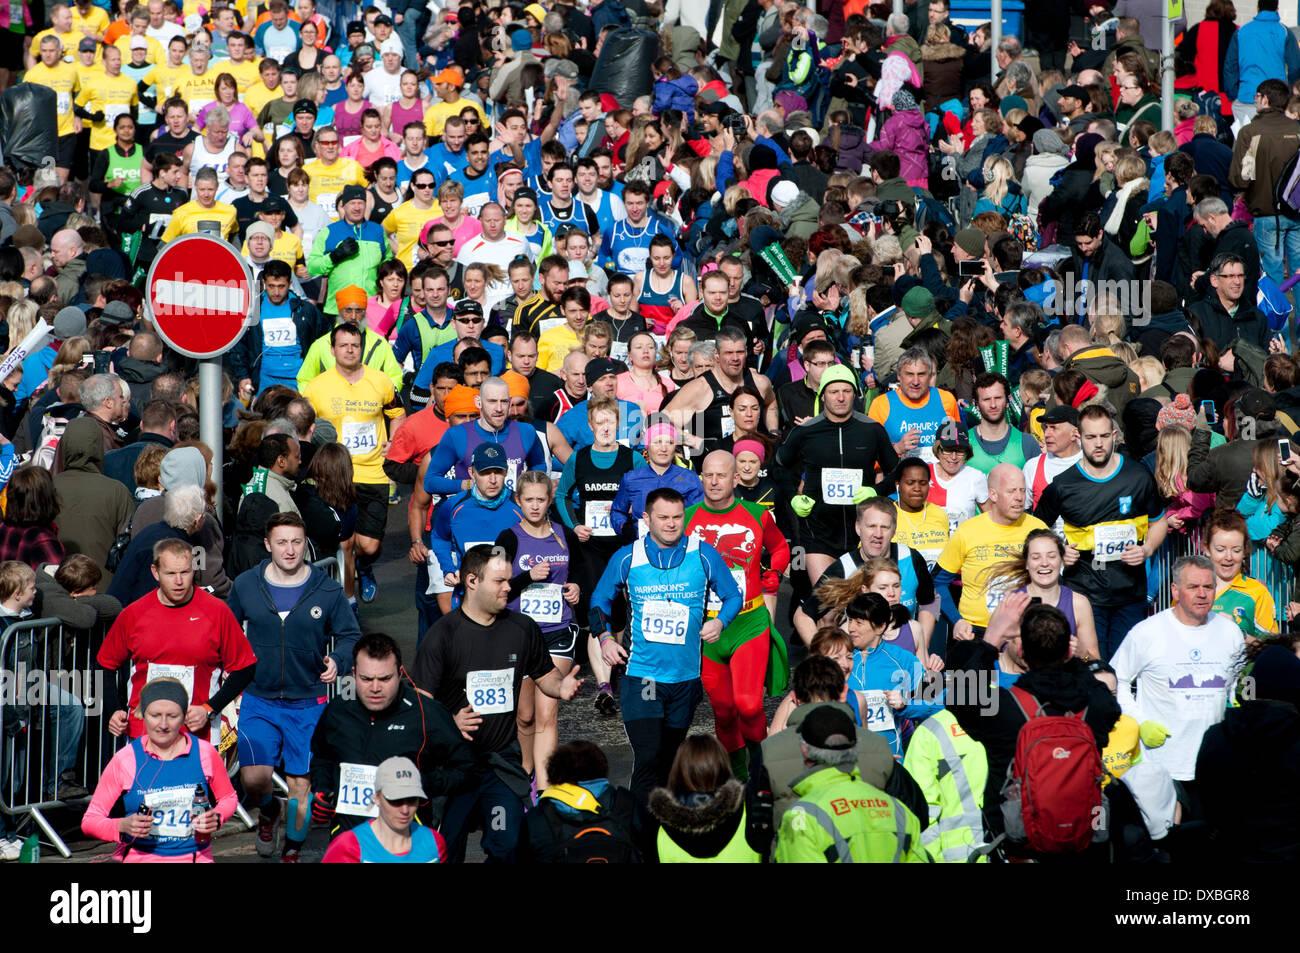 Coventry, West Midlands, Inghilterra, Regno Unito. Il 23 marzo 2014. Guide all'inizio di Decathlon Coventry mezza maratona a Coventry city centre. Credito: Colin Underhill/Alamy Live News Immagini Stock